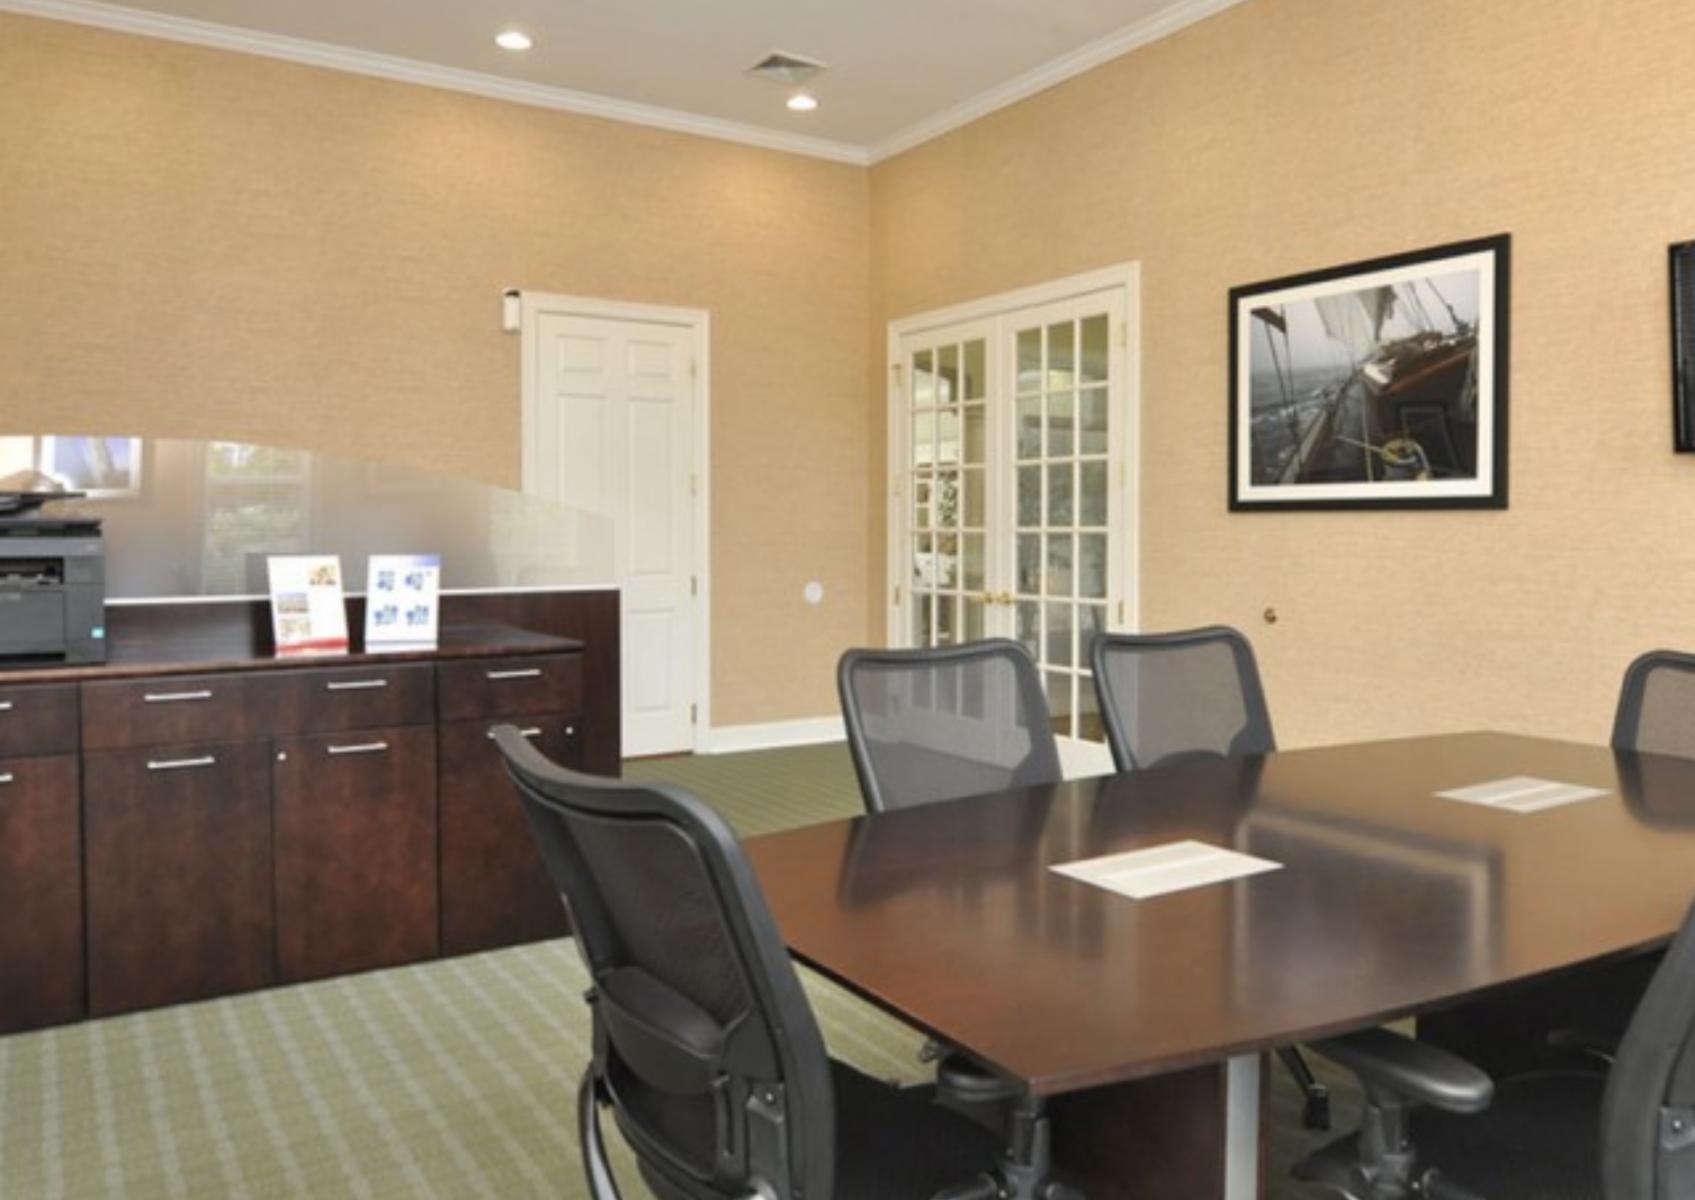 2 - Business Center